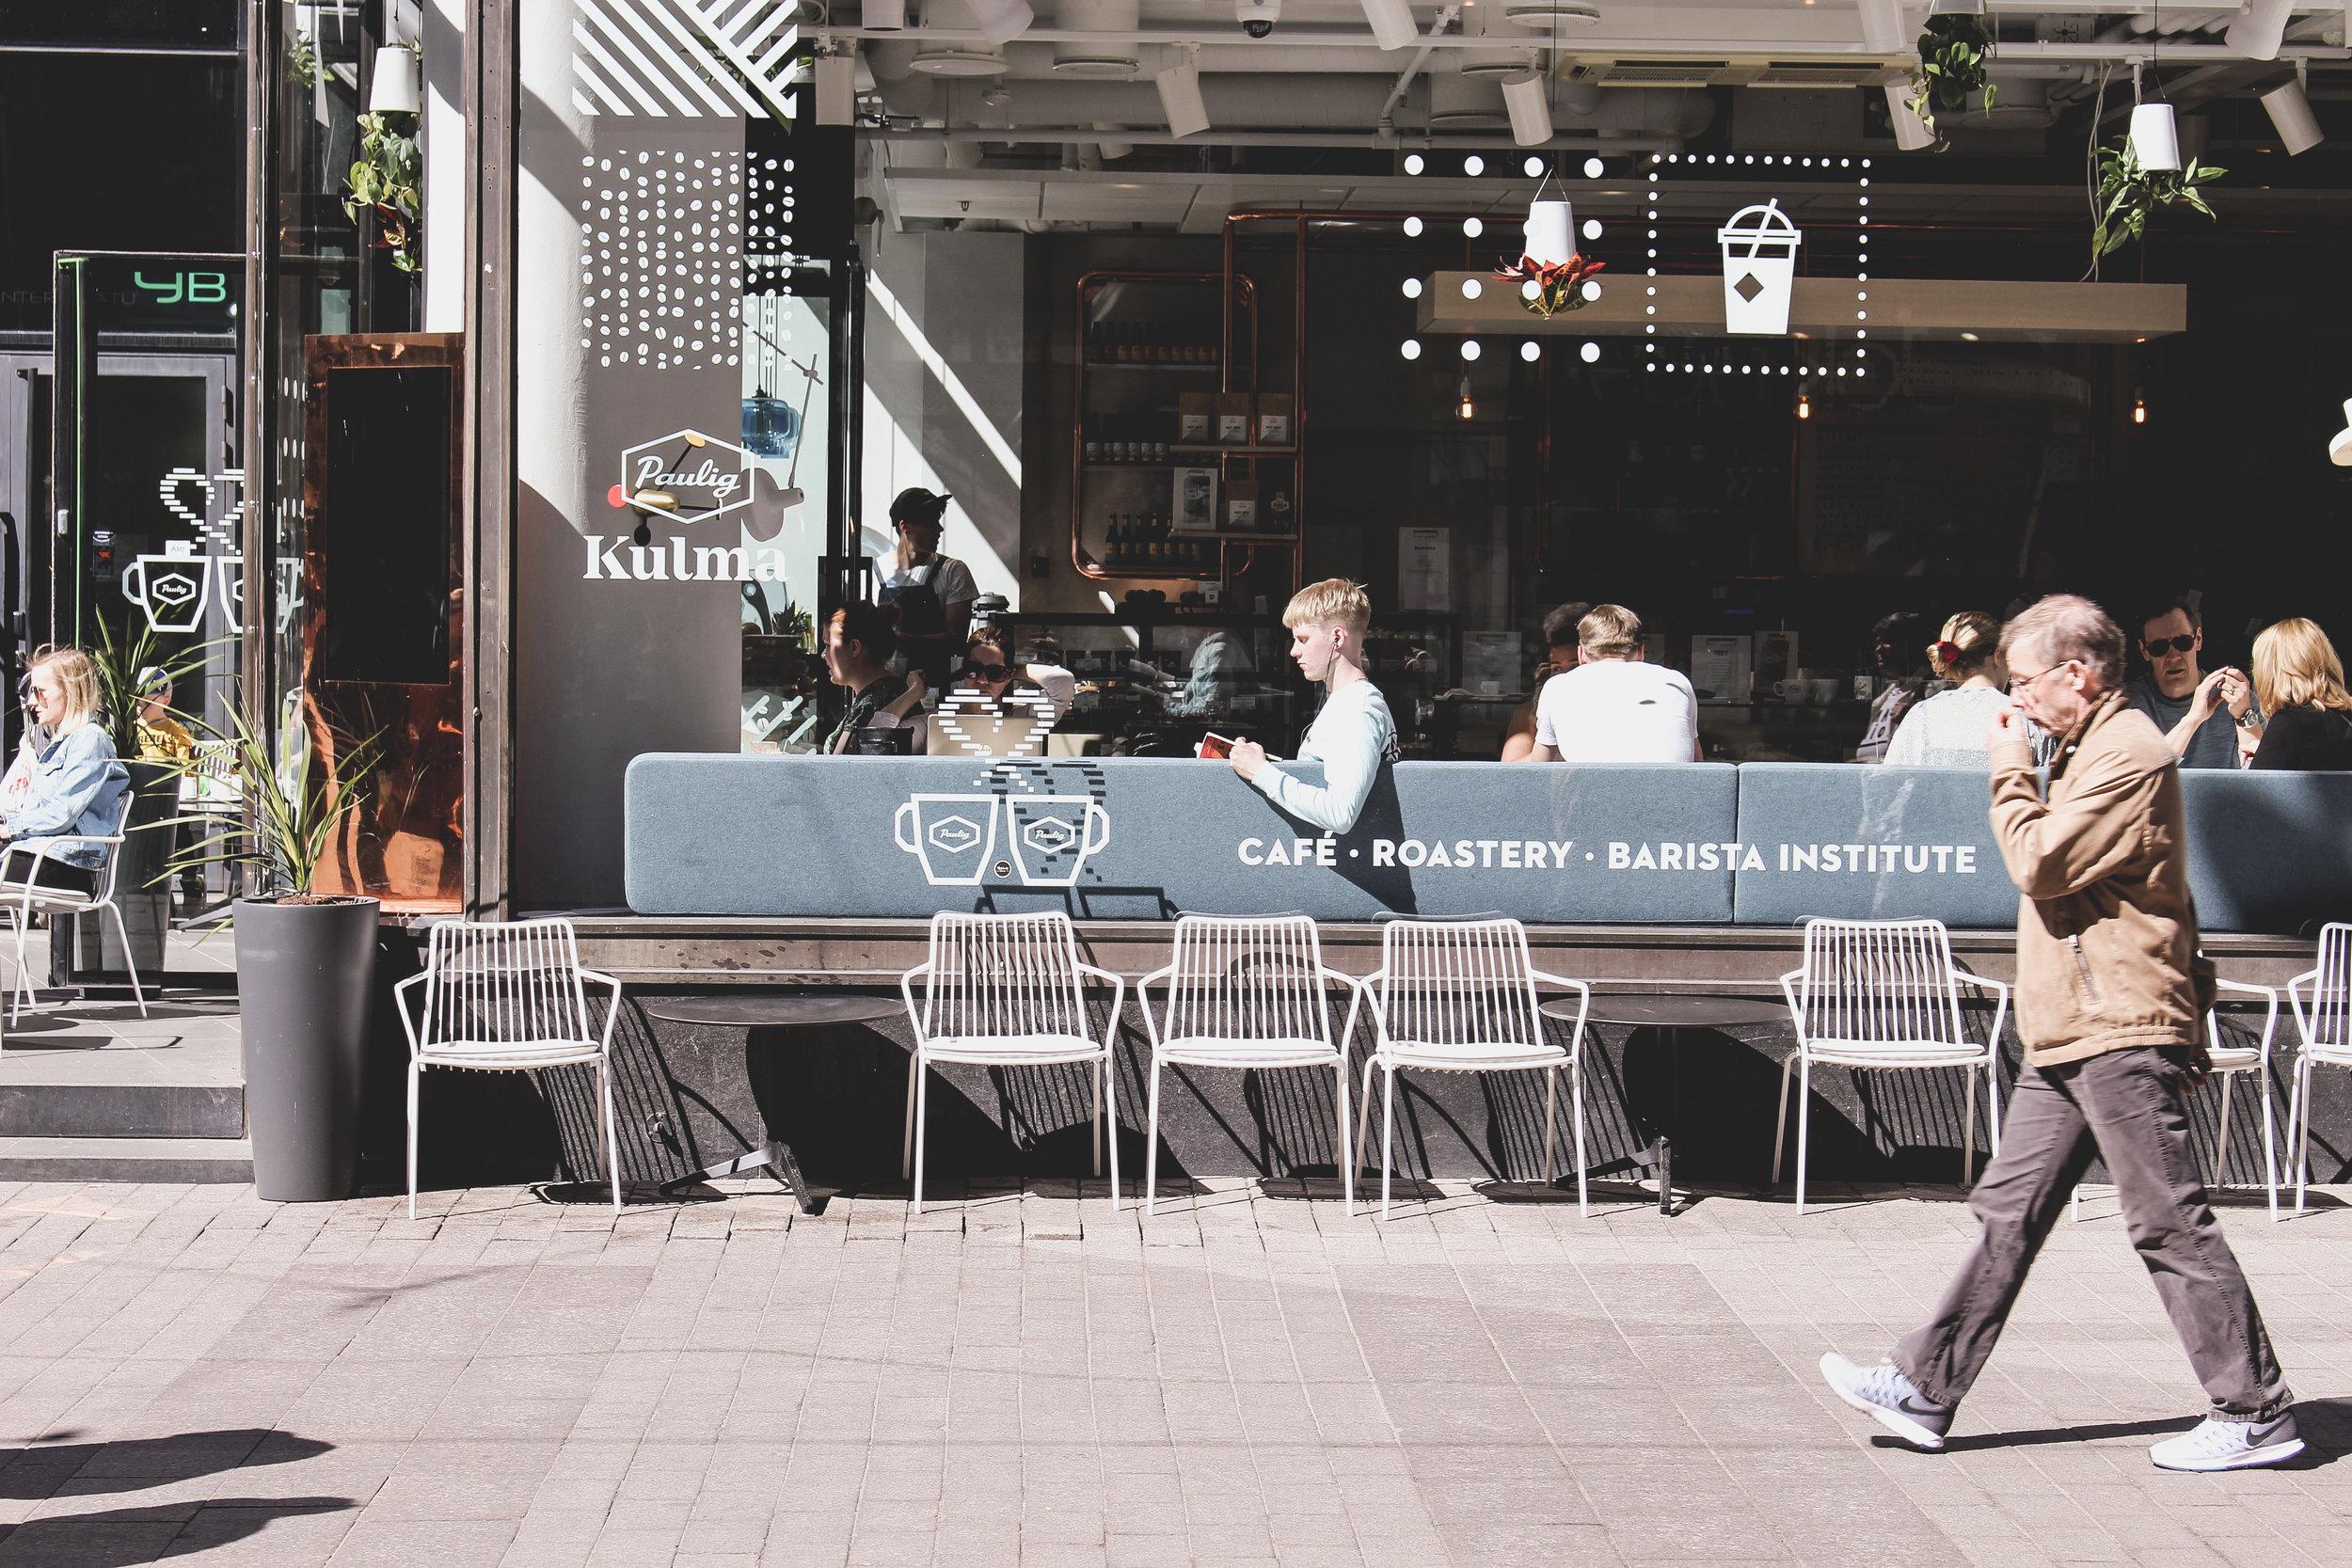 paulig_kulma_coffee_shop_helsinki_7